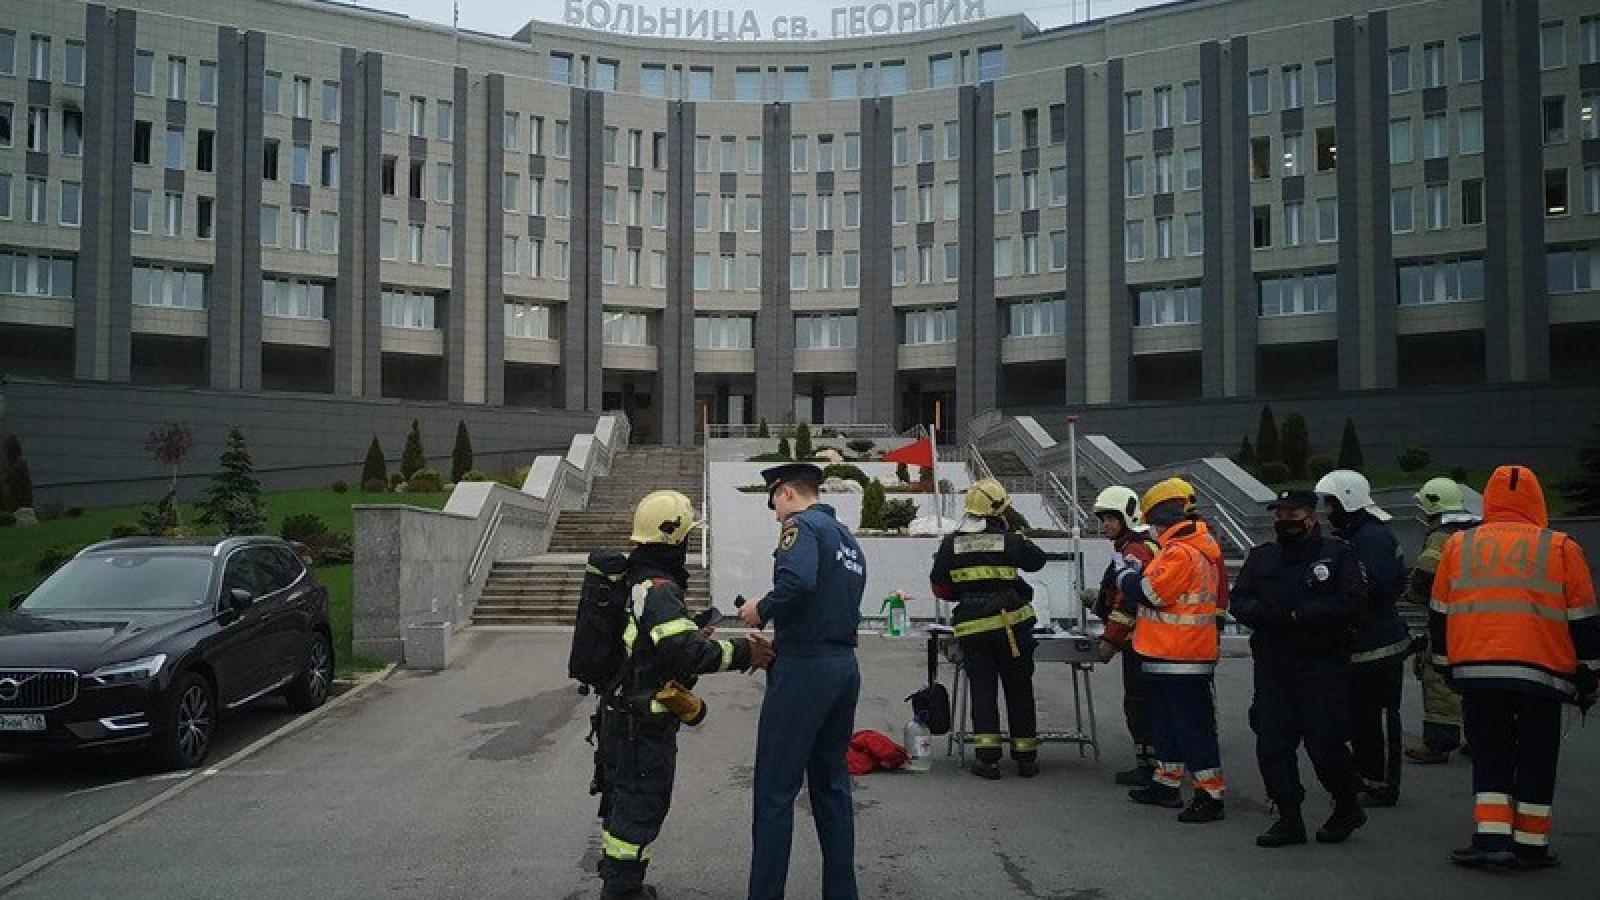 Vụ cháy bệnh viện ở Nga: 5 bệnh nhân thiệt mạng khi thở máy